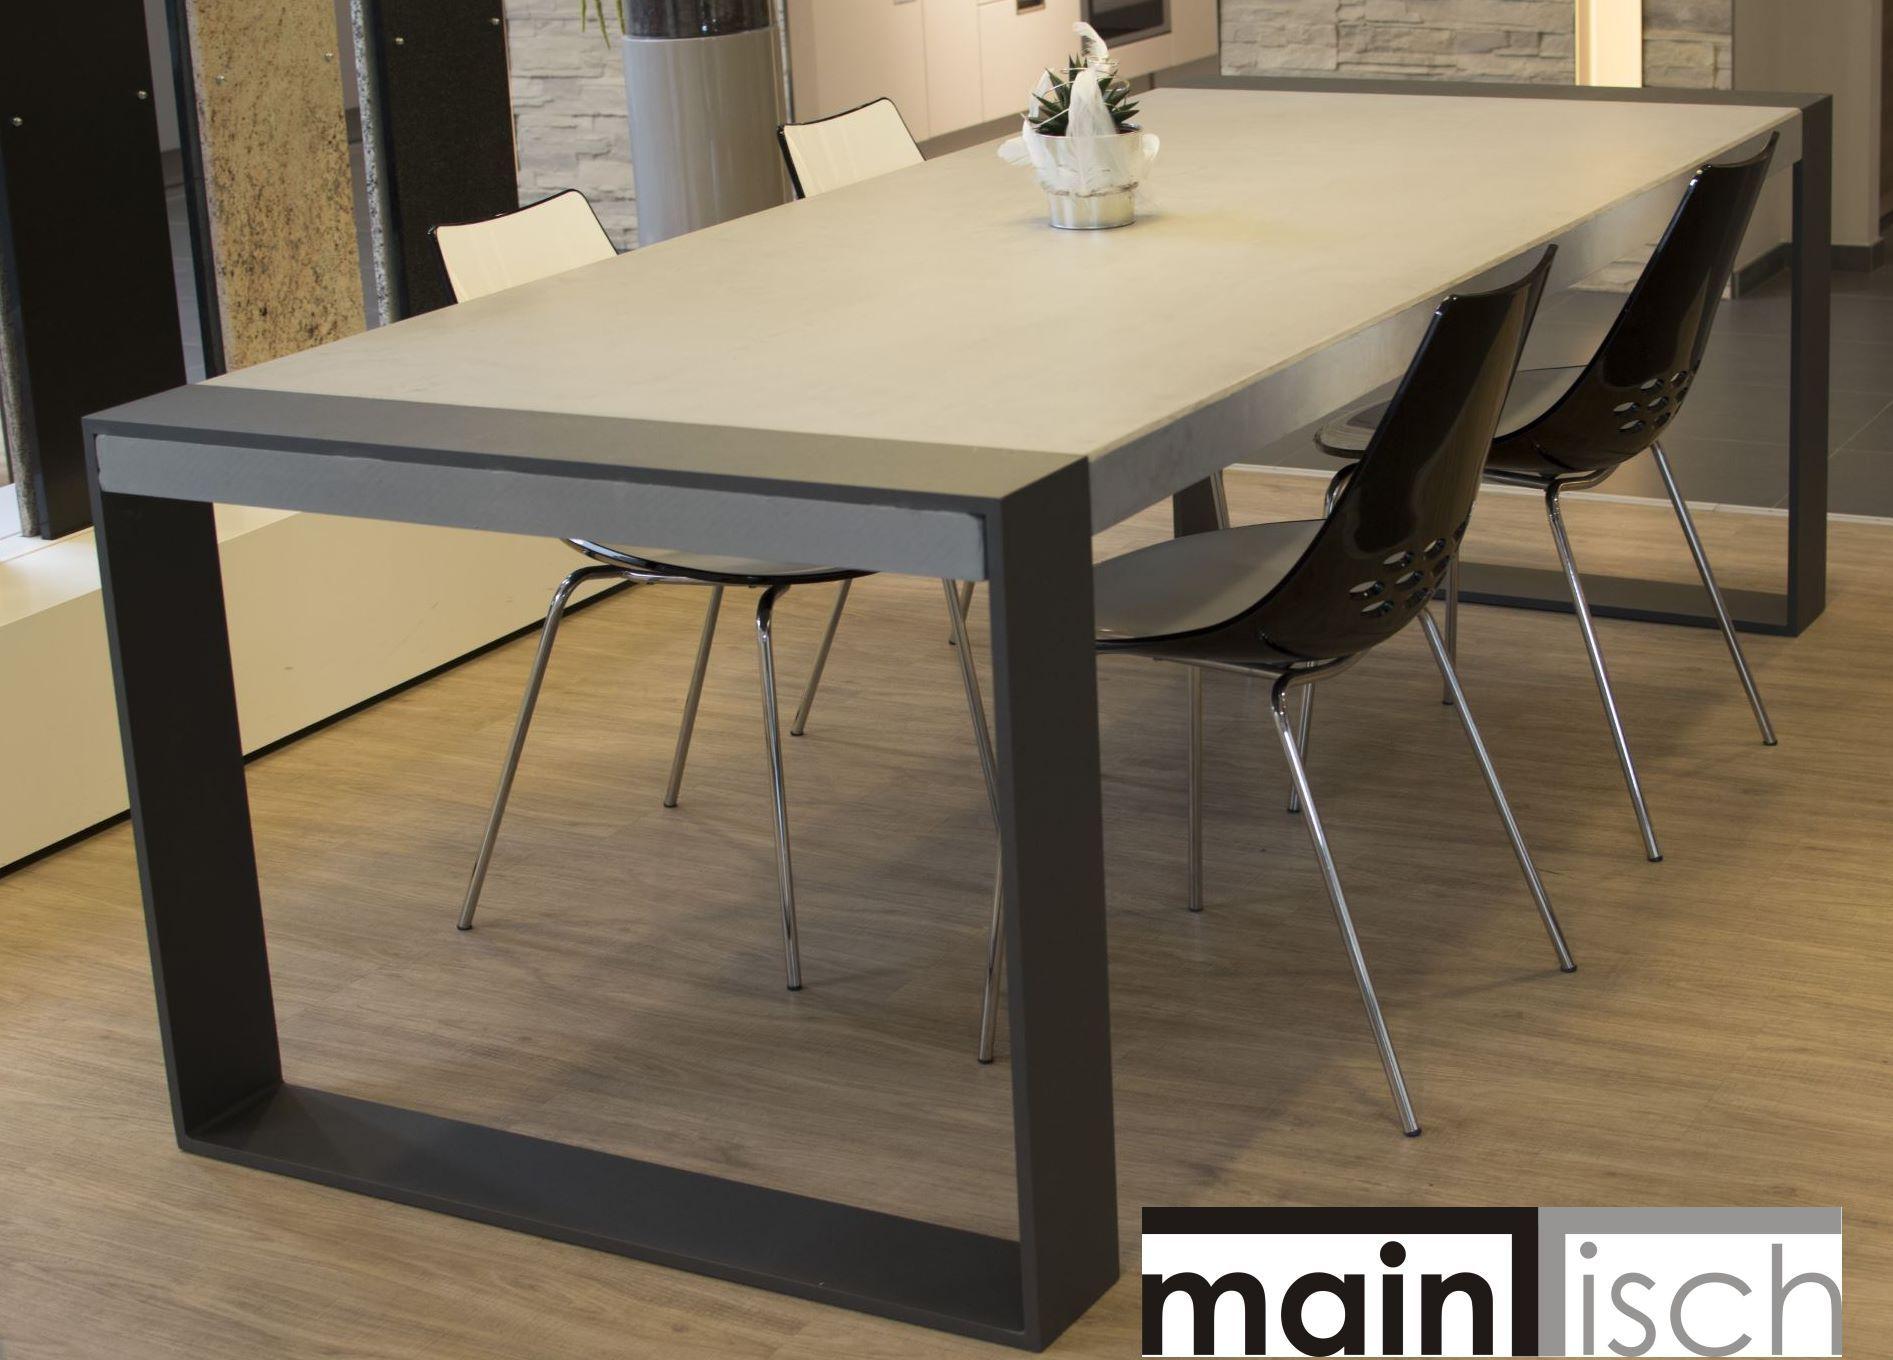 betontisch tisch aus beton esstisch schreibtisch massiver tisch aus stahl und be. Black Bedroom Furniture Sets. Home Design Ideas